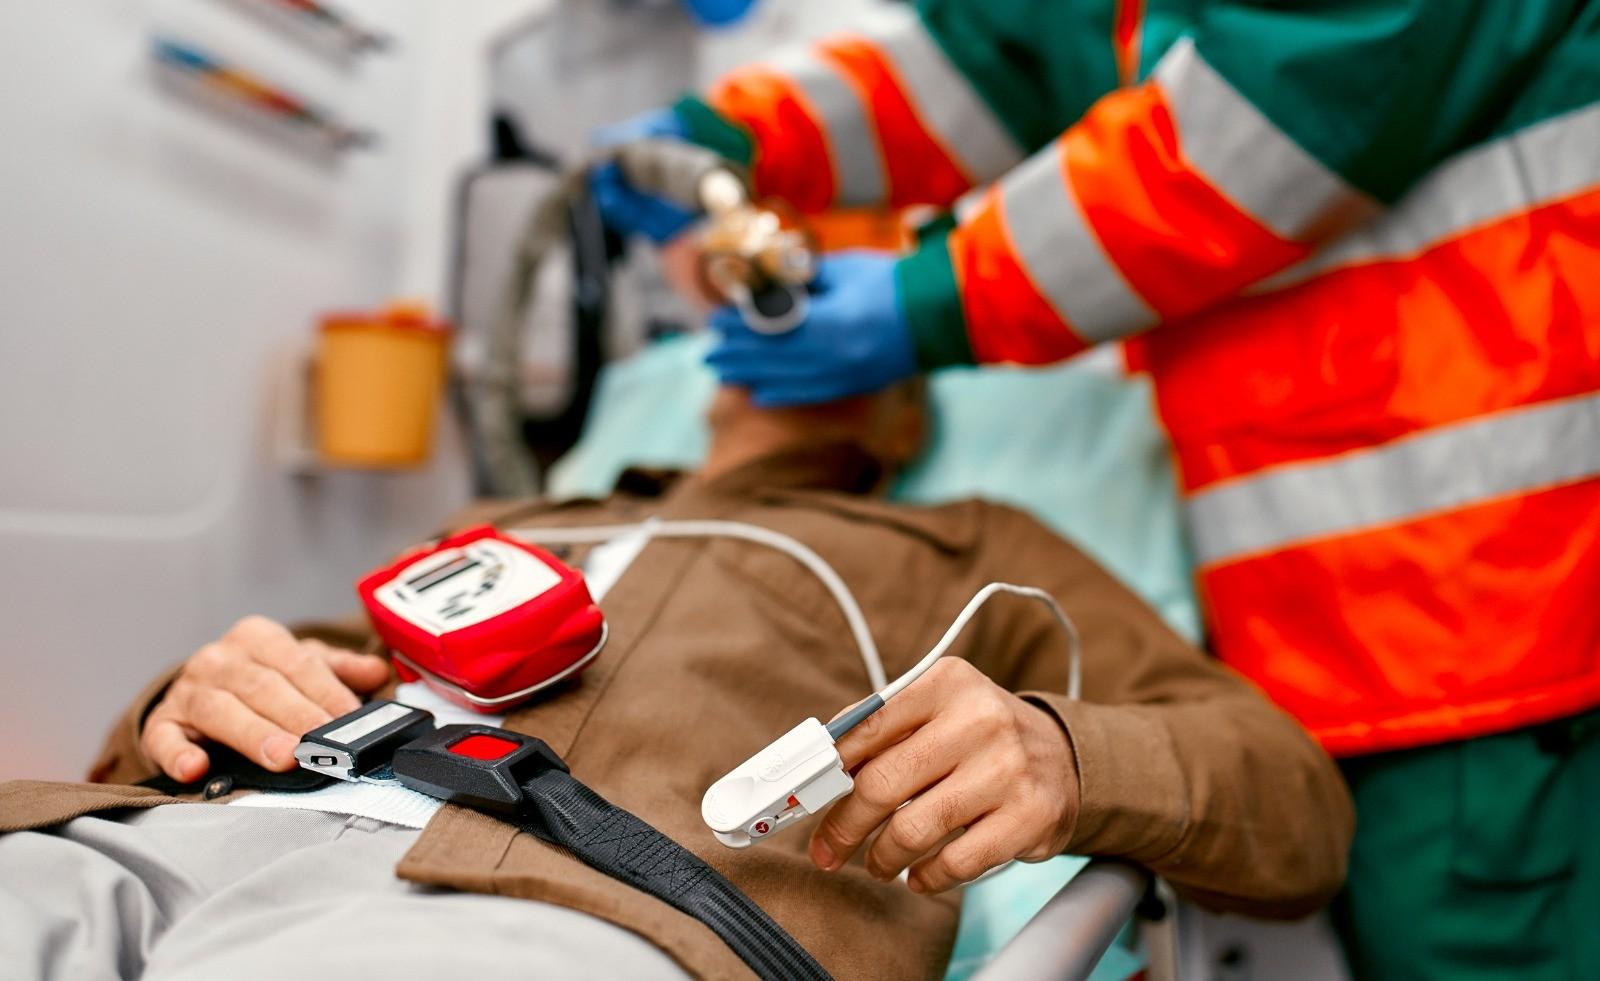 Hasta nakil ambulansında hasta için gerekli olan tüm donanımlarında mutlaka olması gerekir